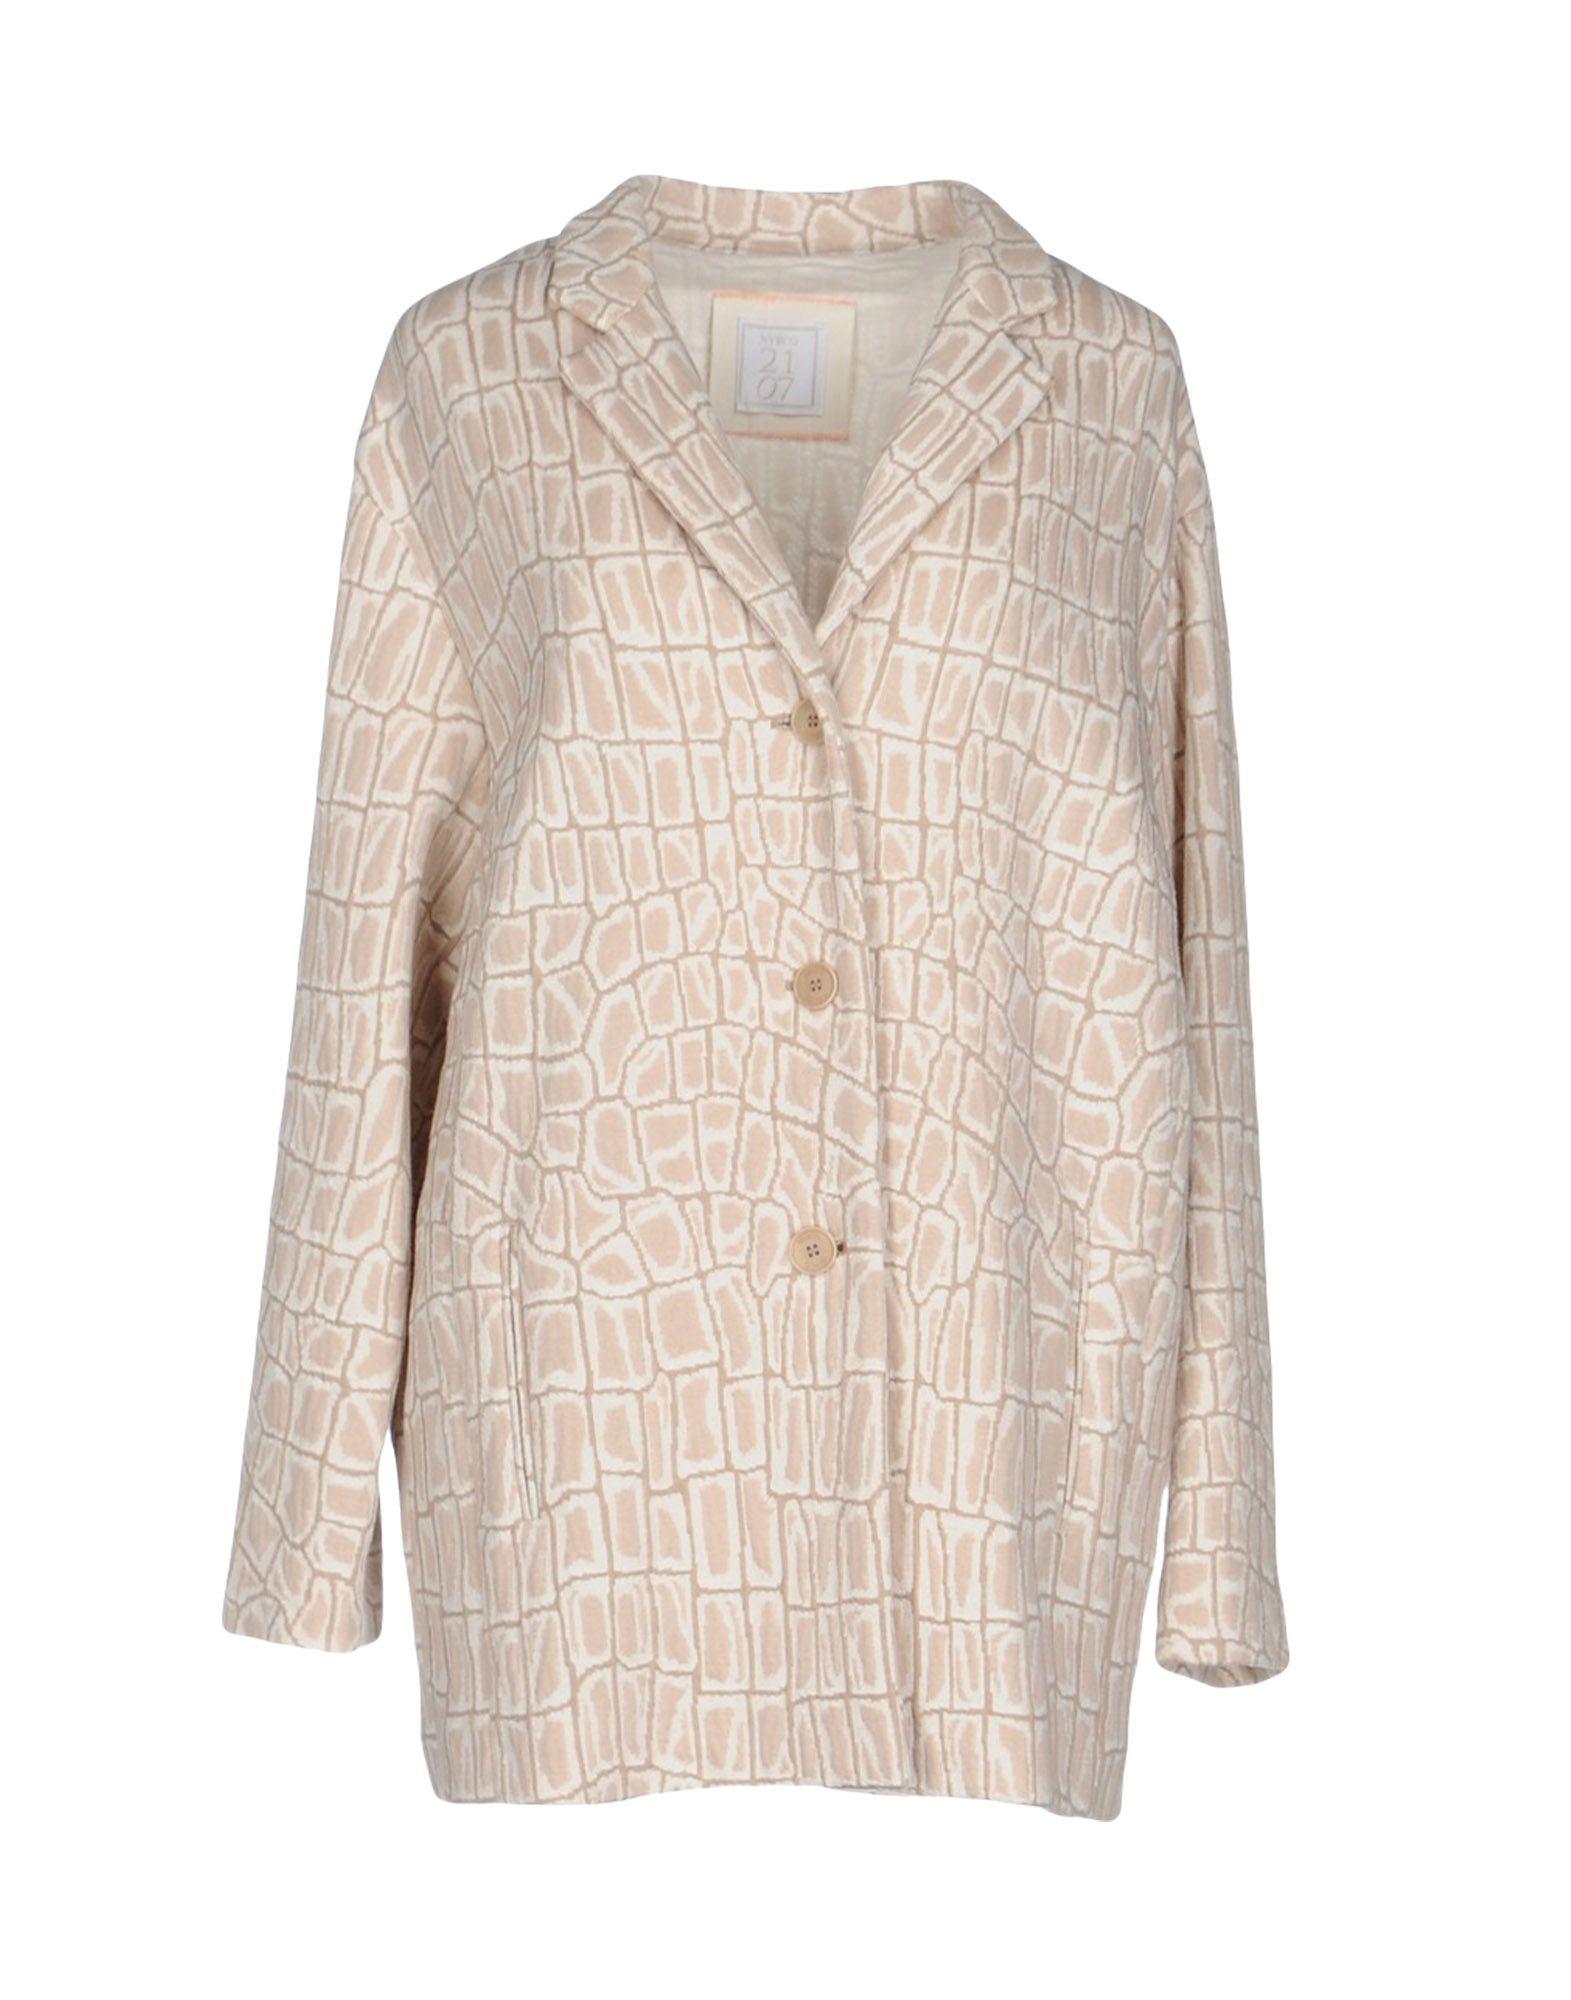 NVSCO 2107 Легкое пальто задние стопы на 2107 купить